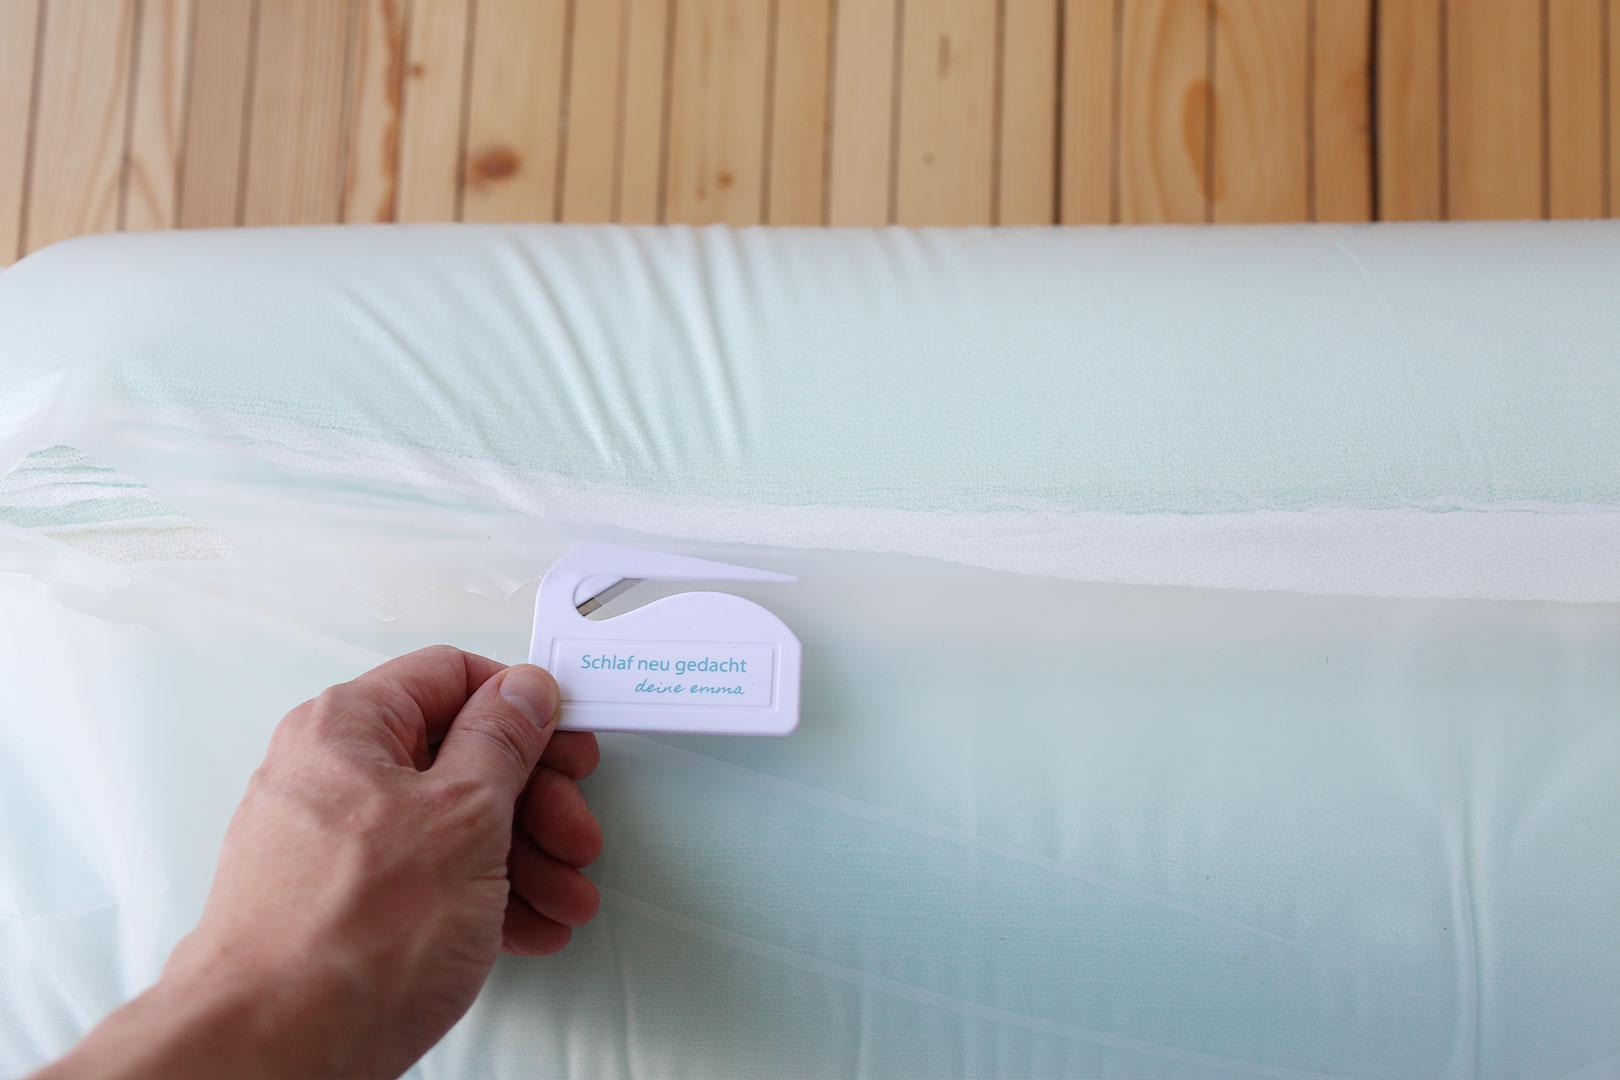 Öffnen der Matratze